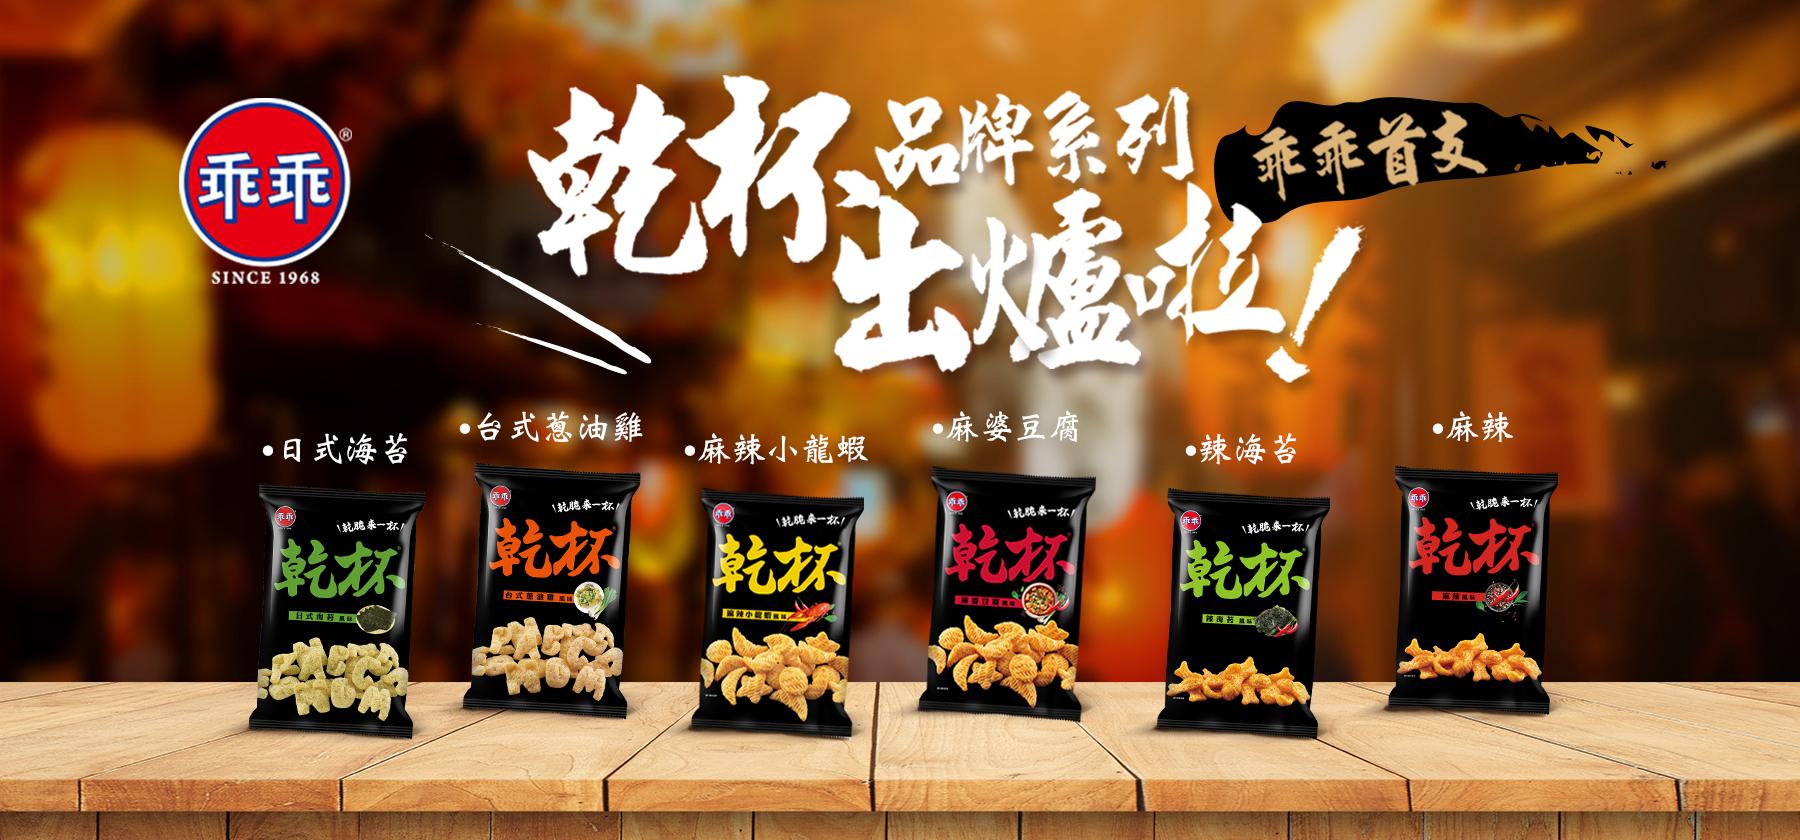 乖乖 乾杯 新品 麻辣 海苔 麻婆豆腐 小龍蝦 蔥油雞